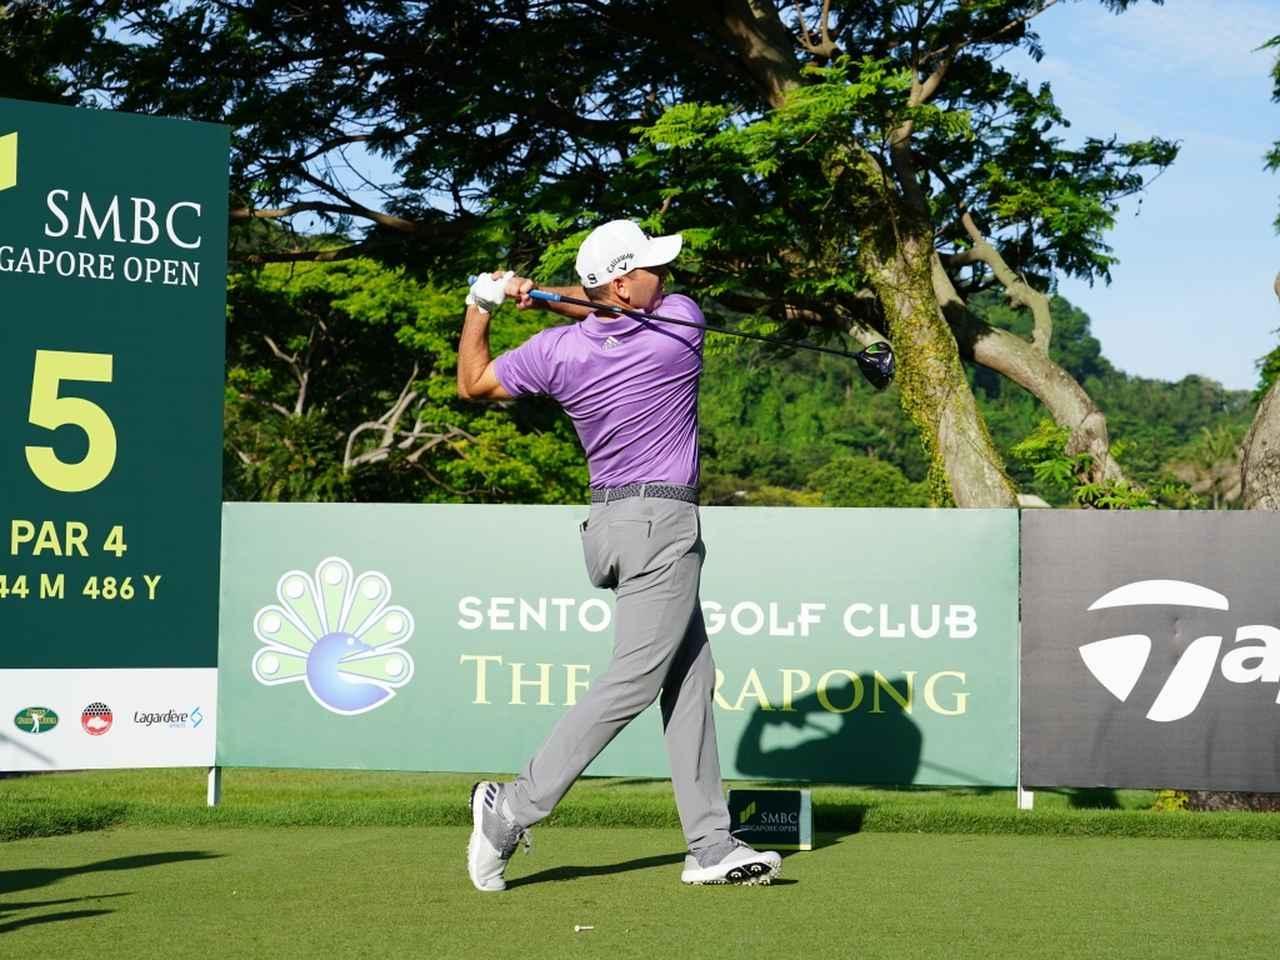 画像31: 【ギア研究】PGAツアートップ選手のレプリカドライバーを組んで打った。「運命のシャフトとヘッド」見つけ方